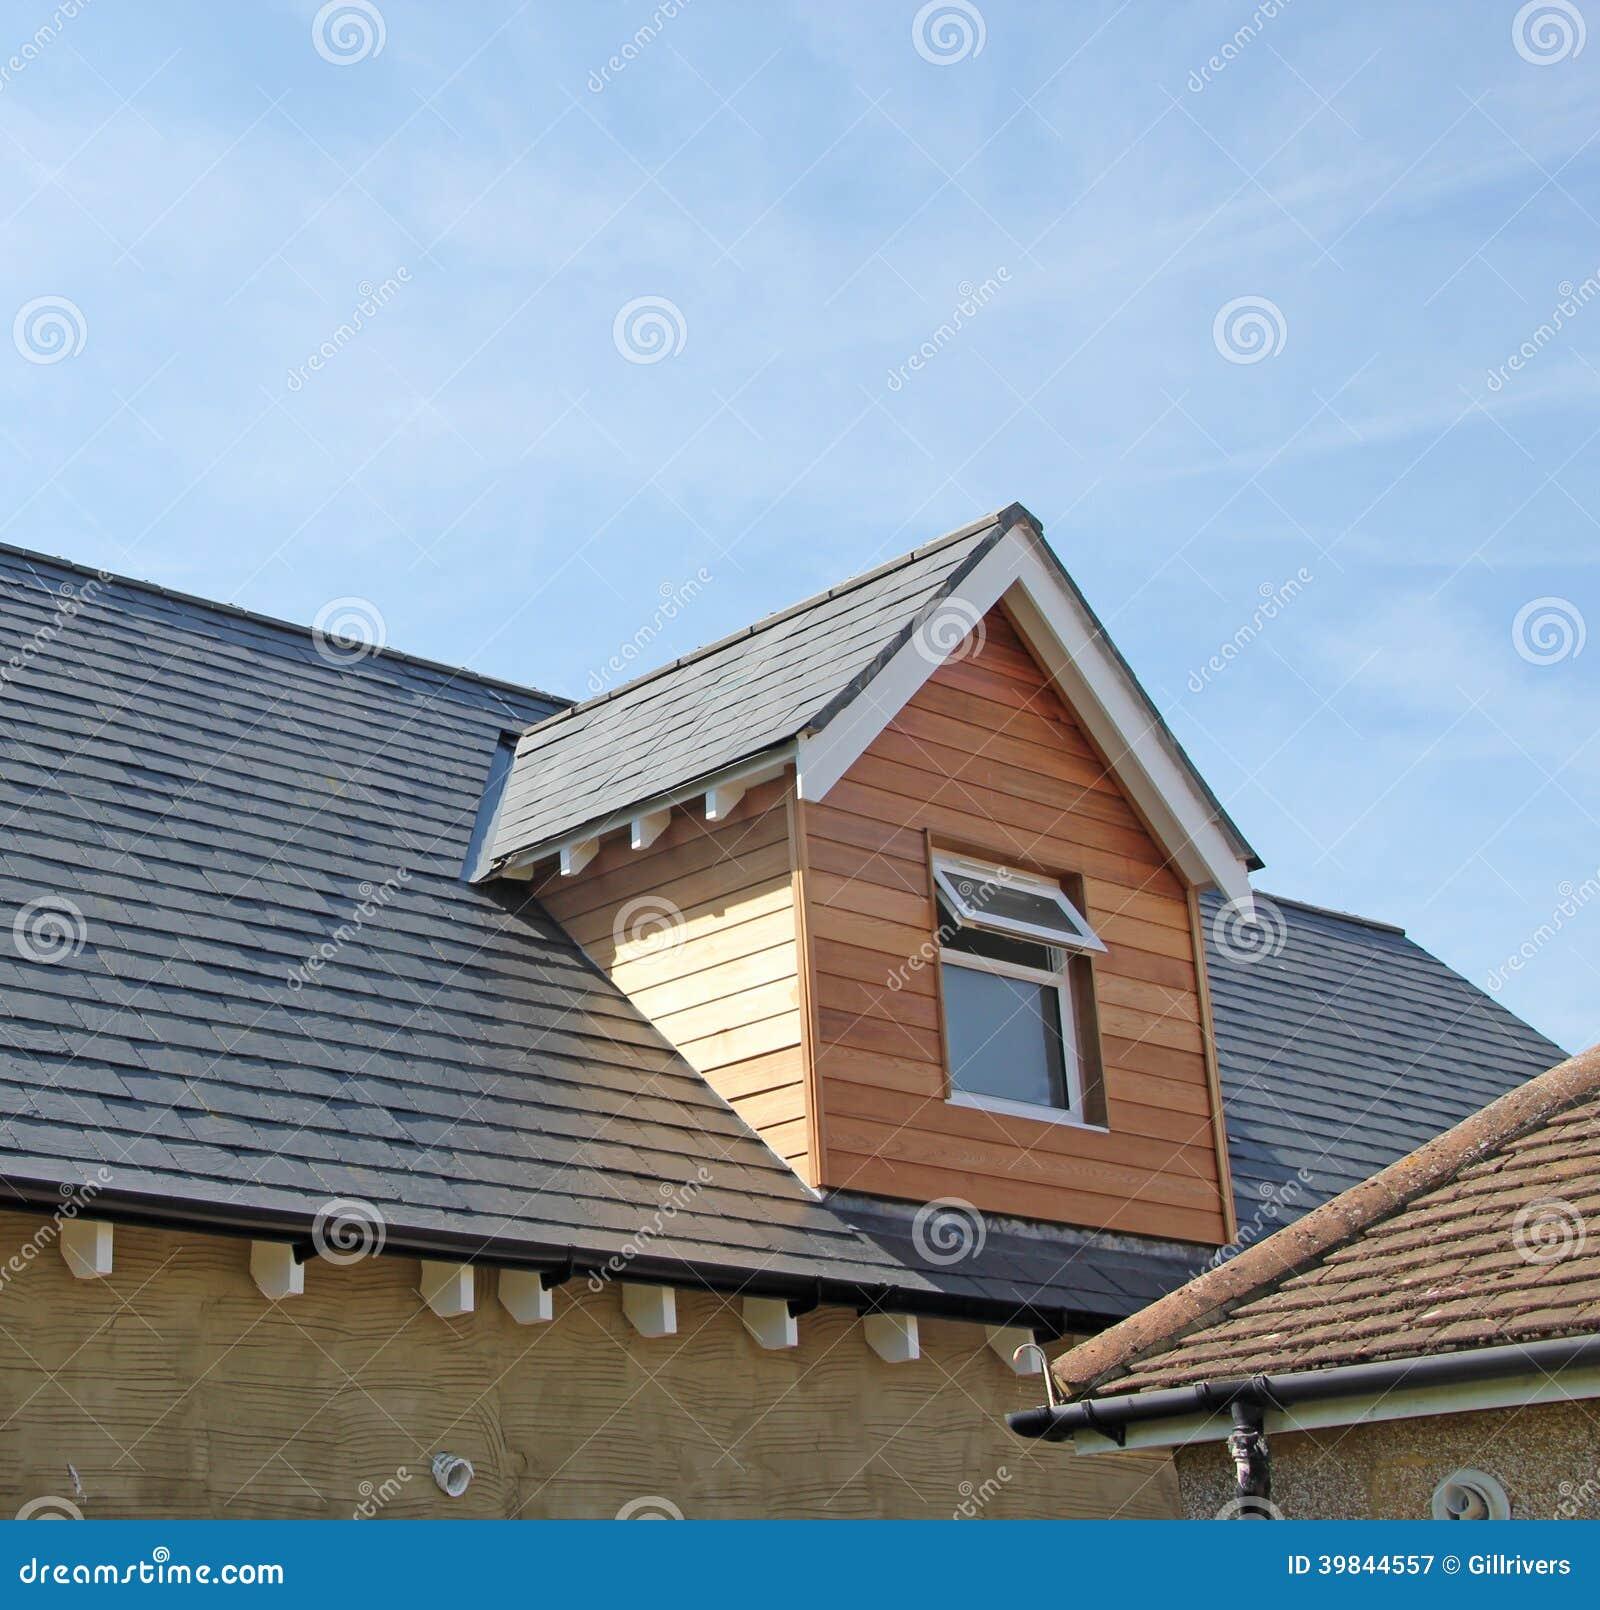 这张照片显示一个现代屋顶引伸.图片